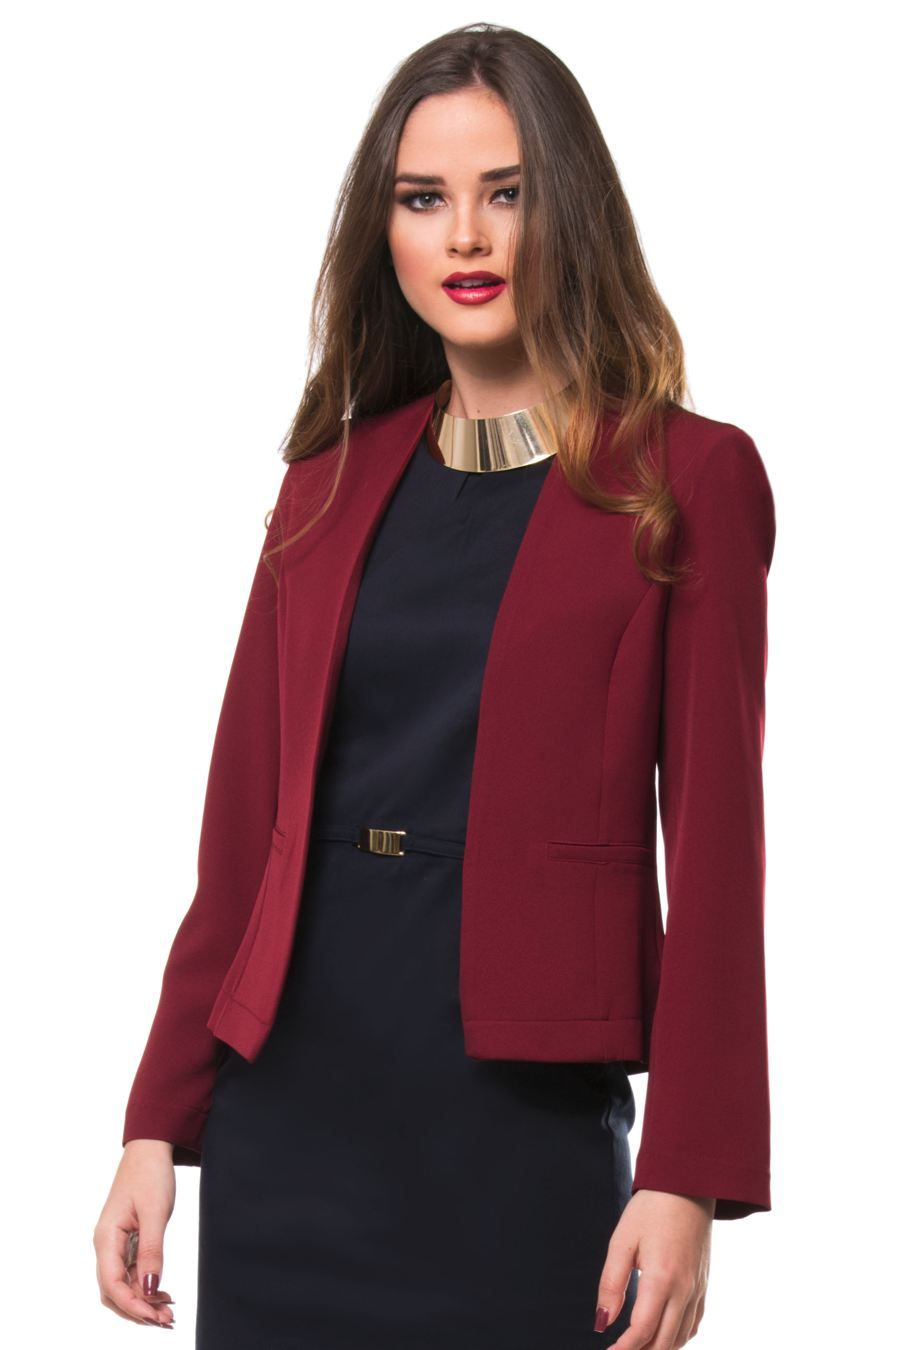 oferta especial super popular original de costura caliente Blazer Expressions vino | mirian en 2019 | Vestidos, Ropa de ...